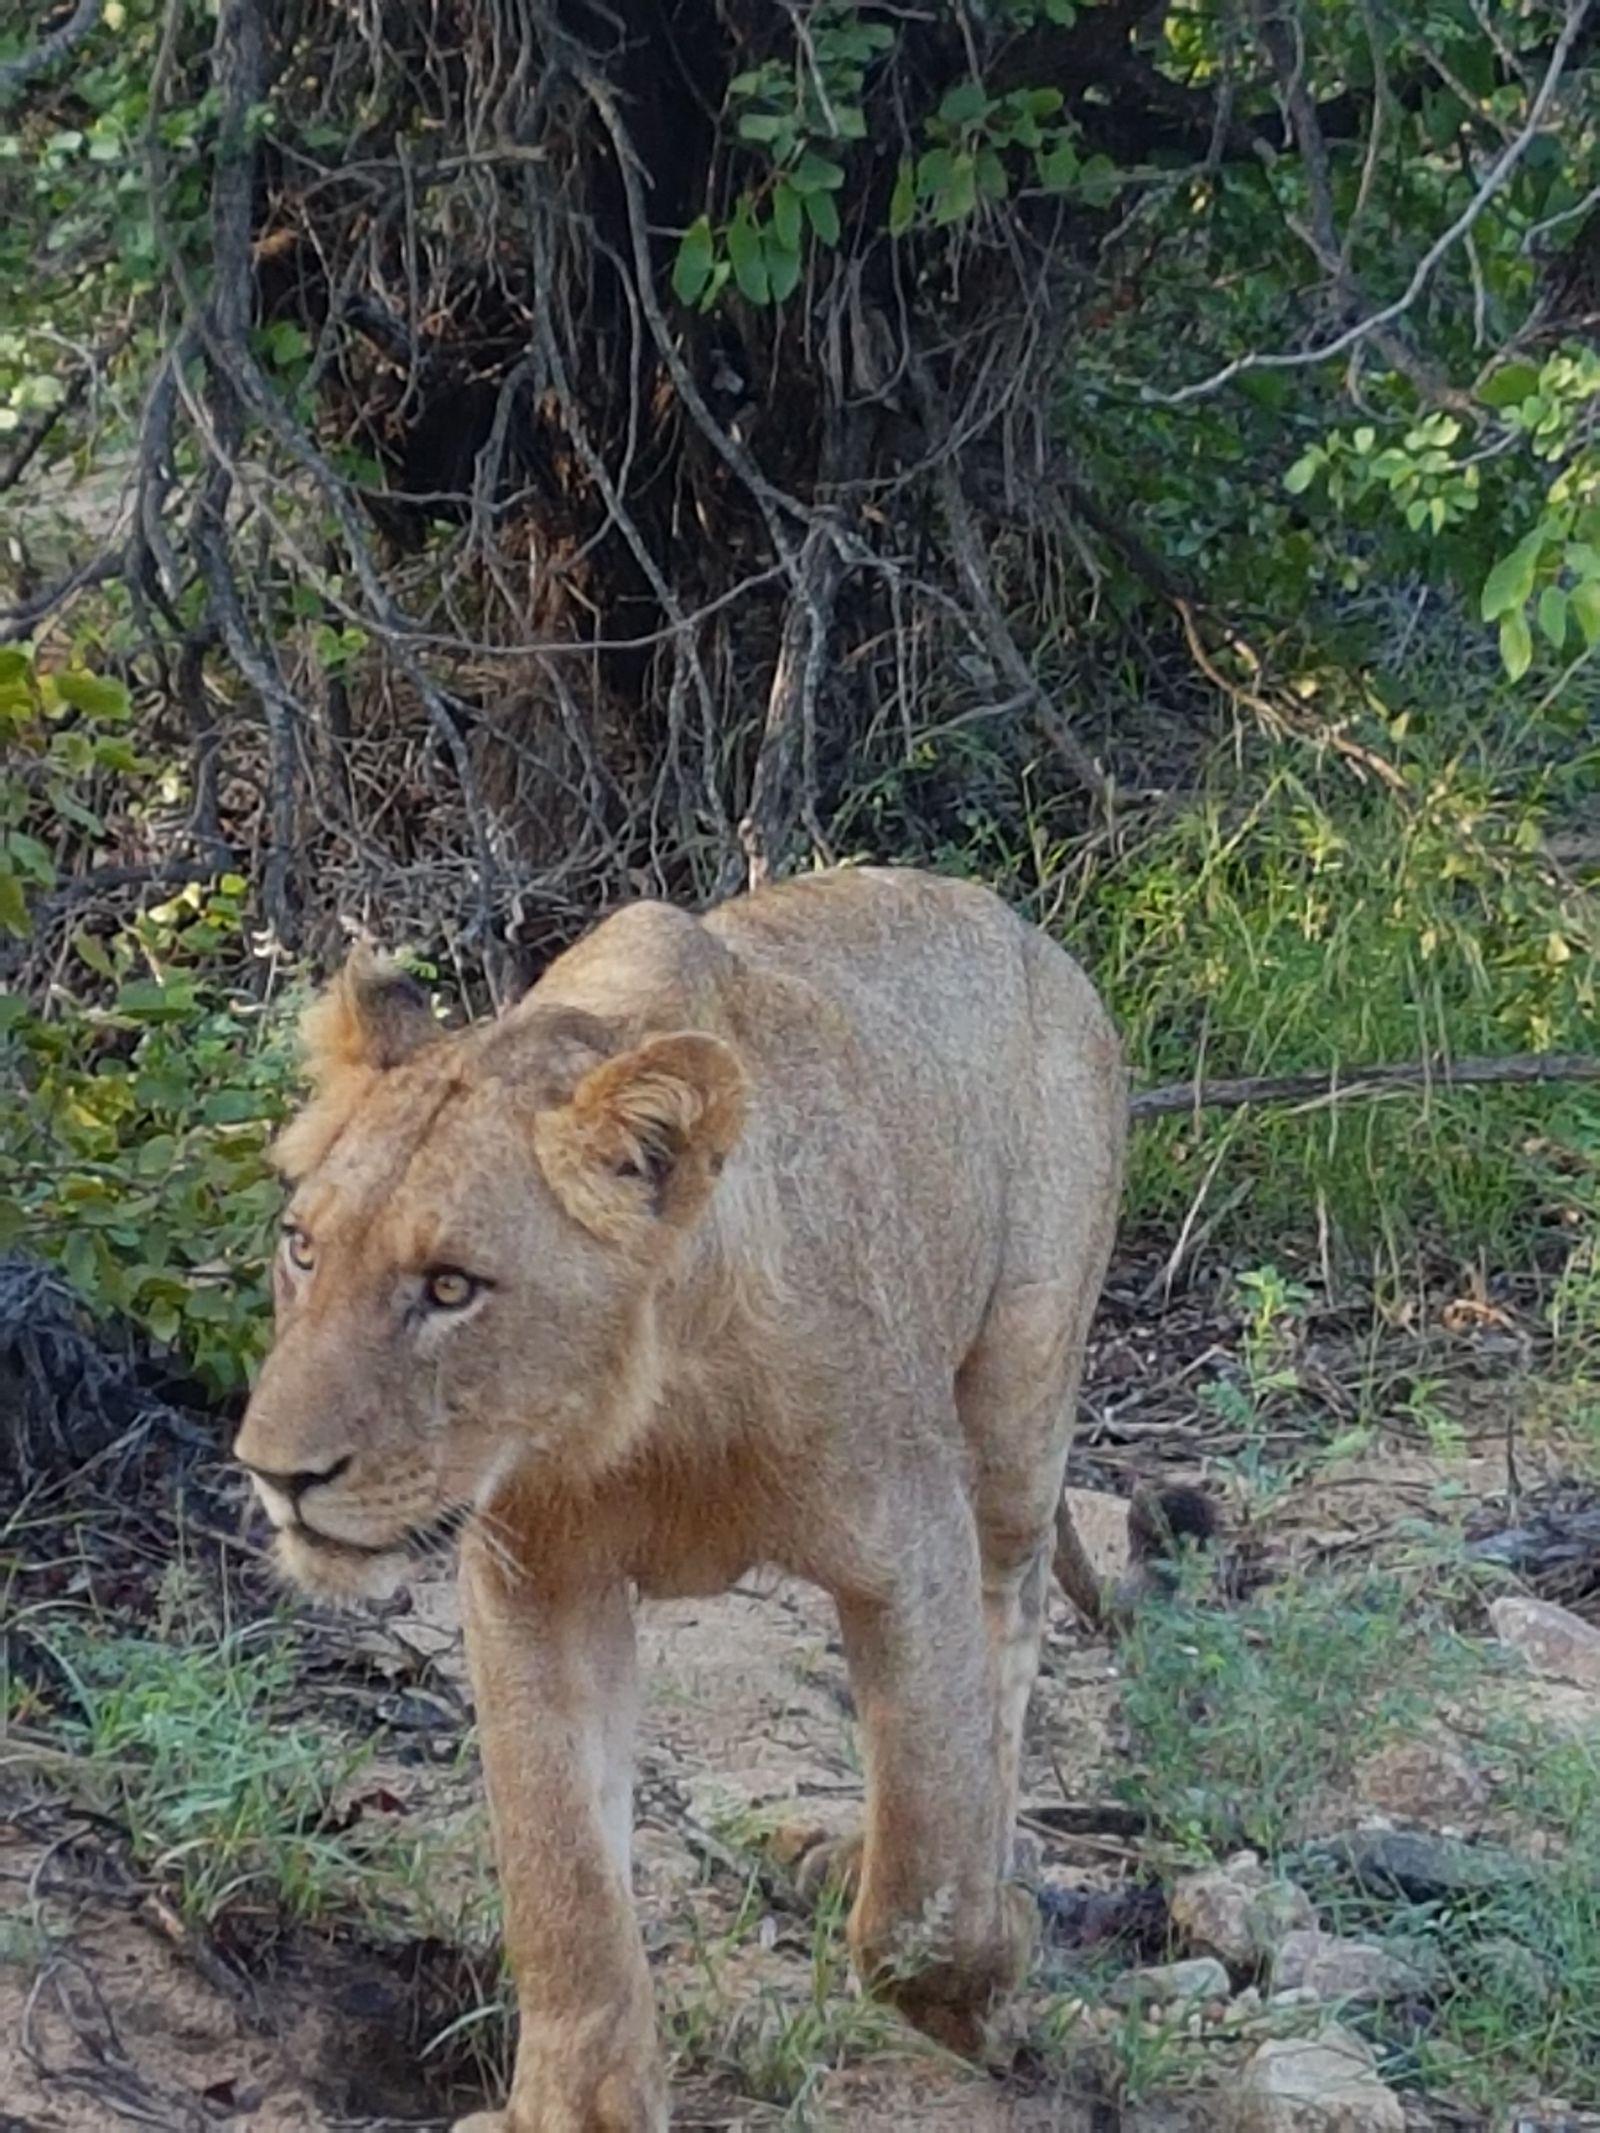 Tswalu Kalahari is een bijzonder privéwildreservaat | AmbianceTravel